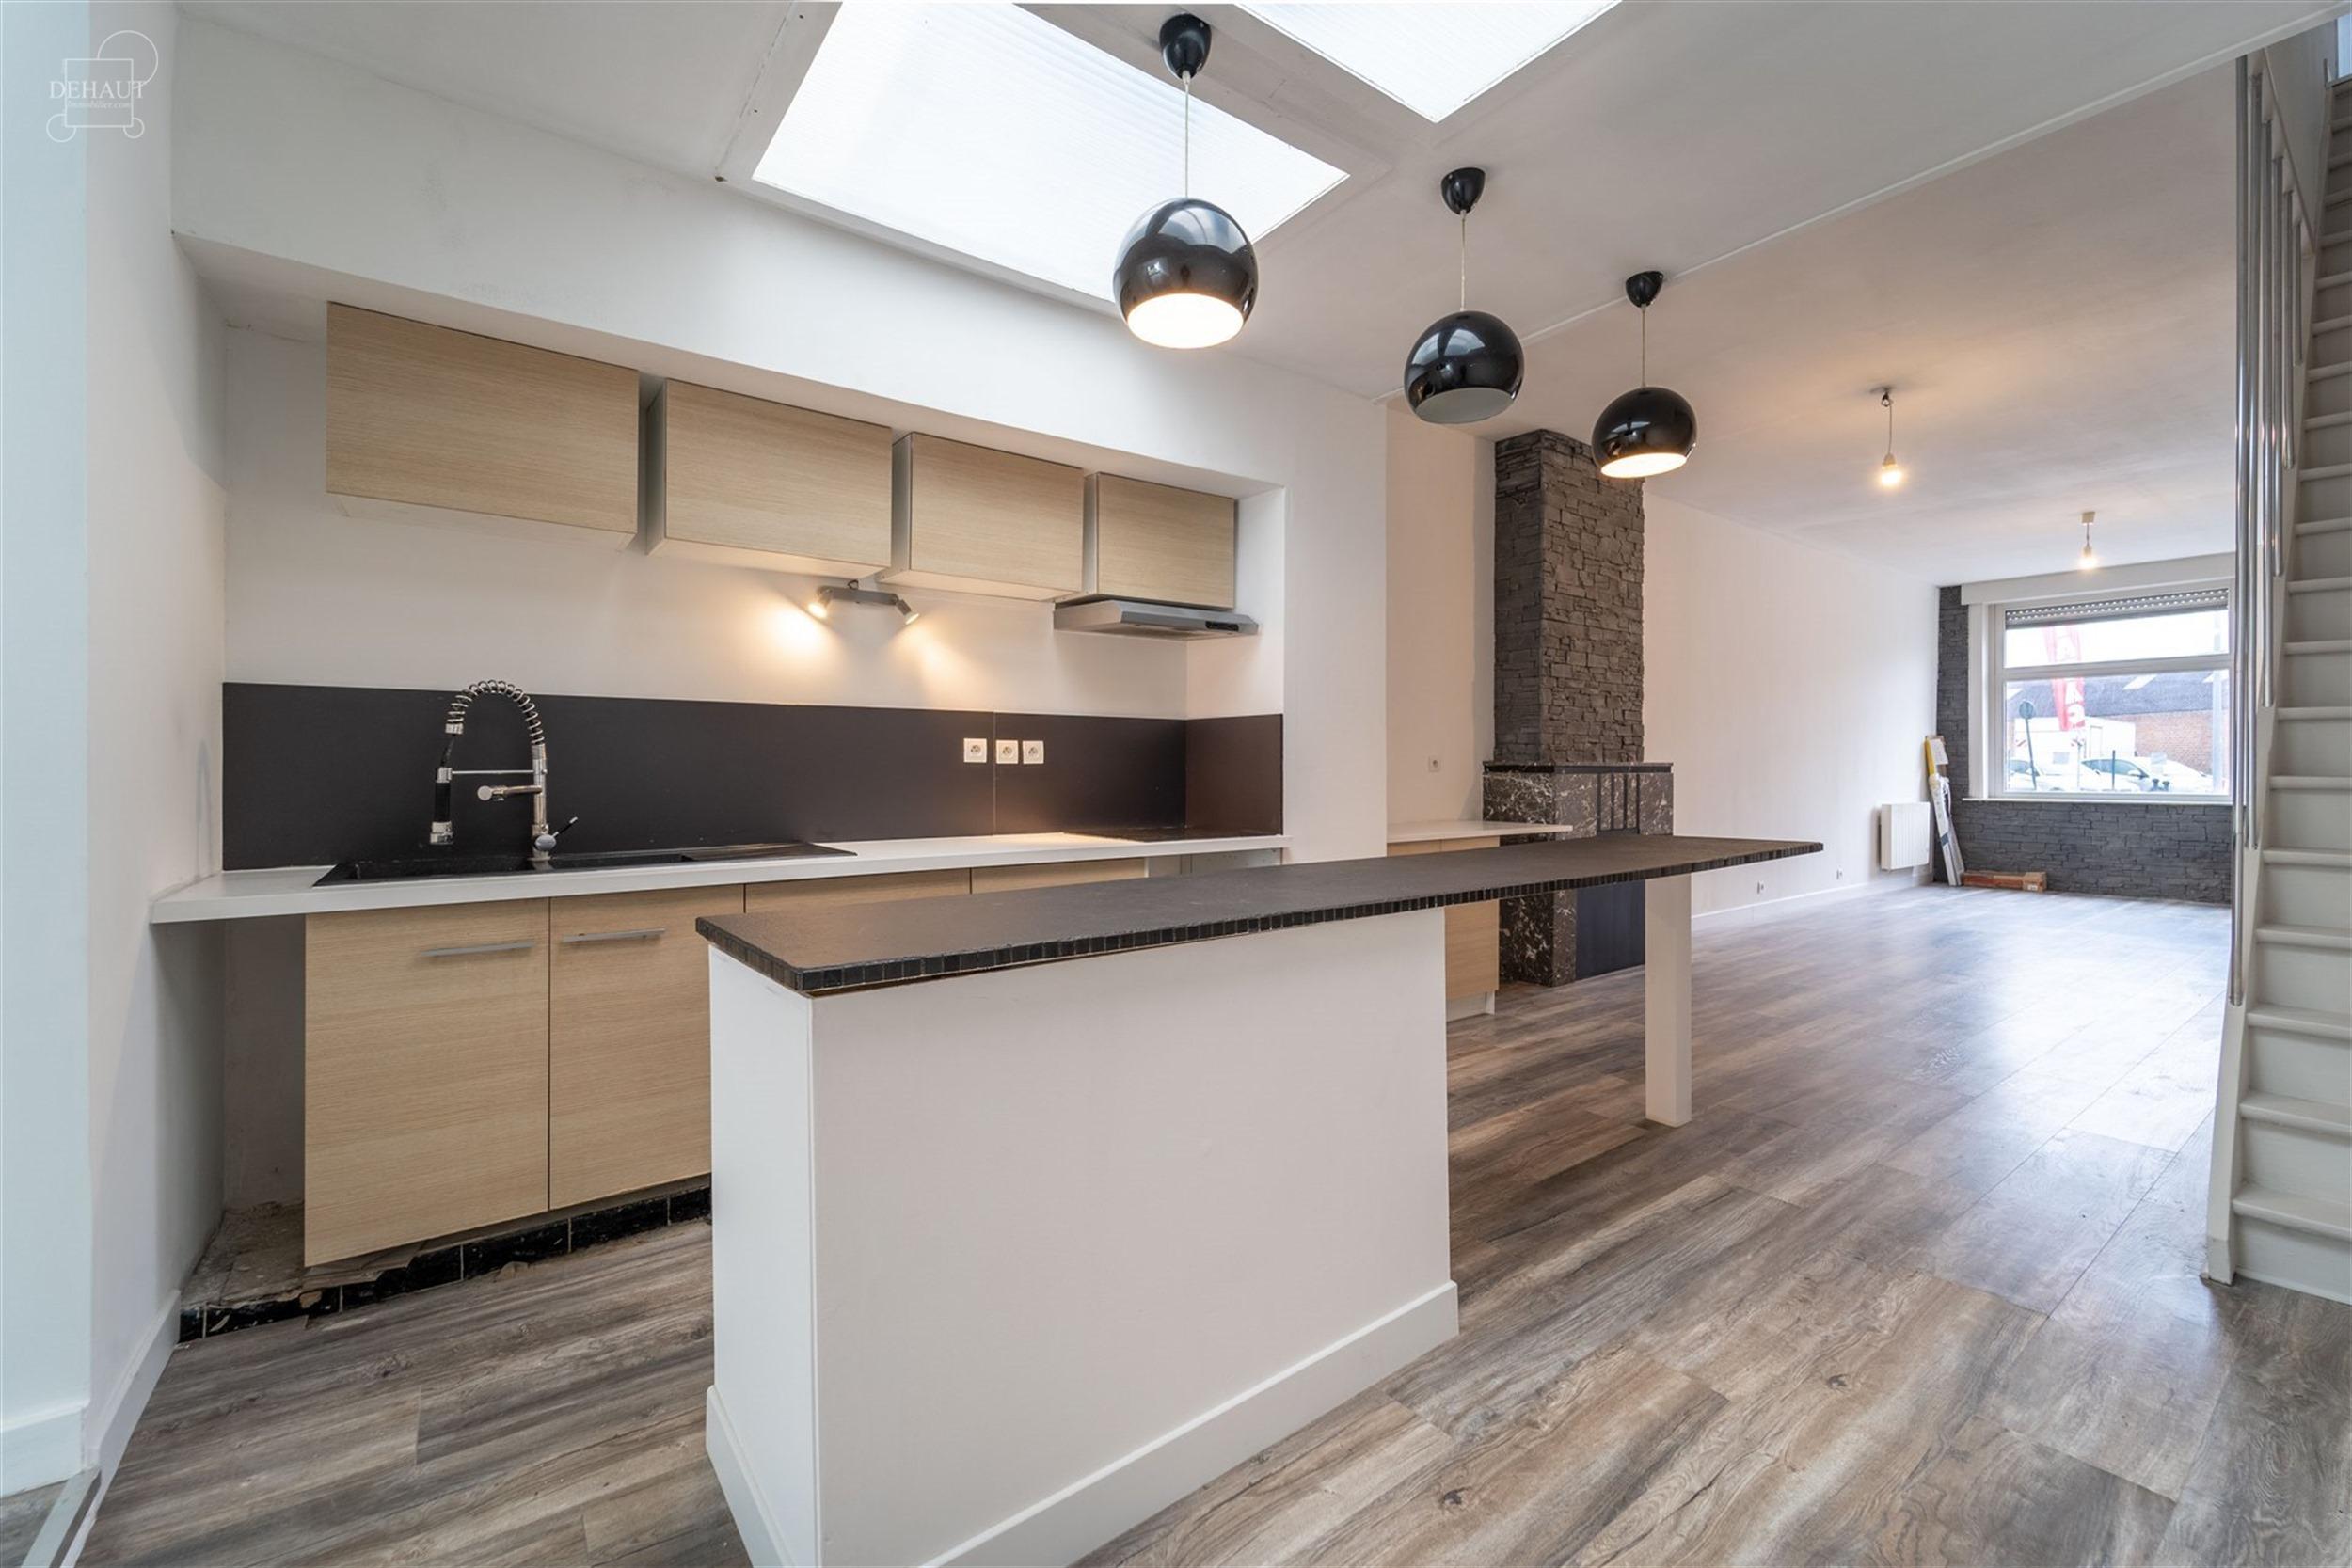 Spacieuse maison de ville proposant un grand séjour ouvert une cuisine meublée, un WC indépendant. A l'étage: une spacieuse salle de bain et 2 cha...